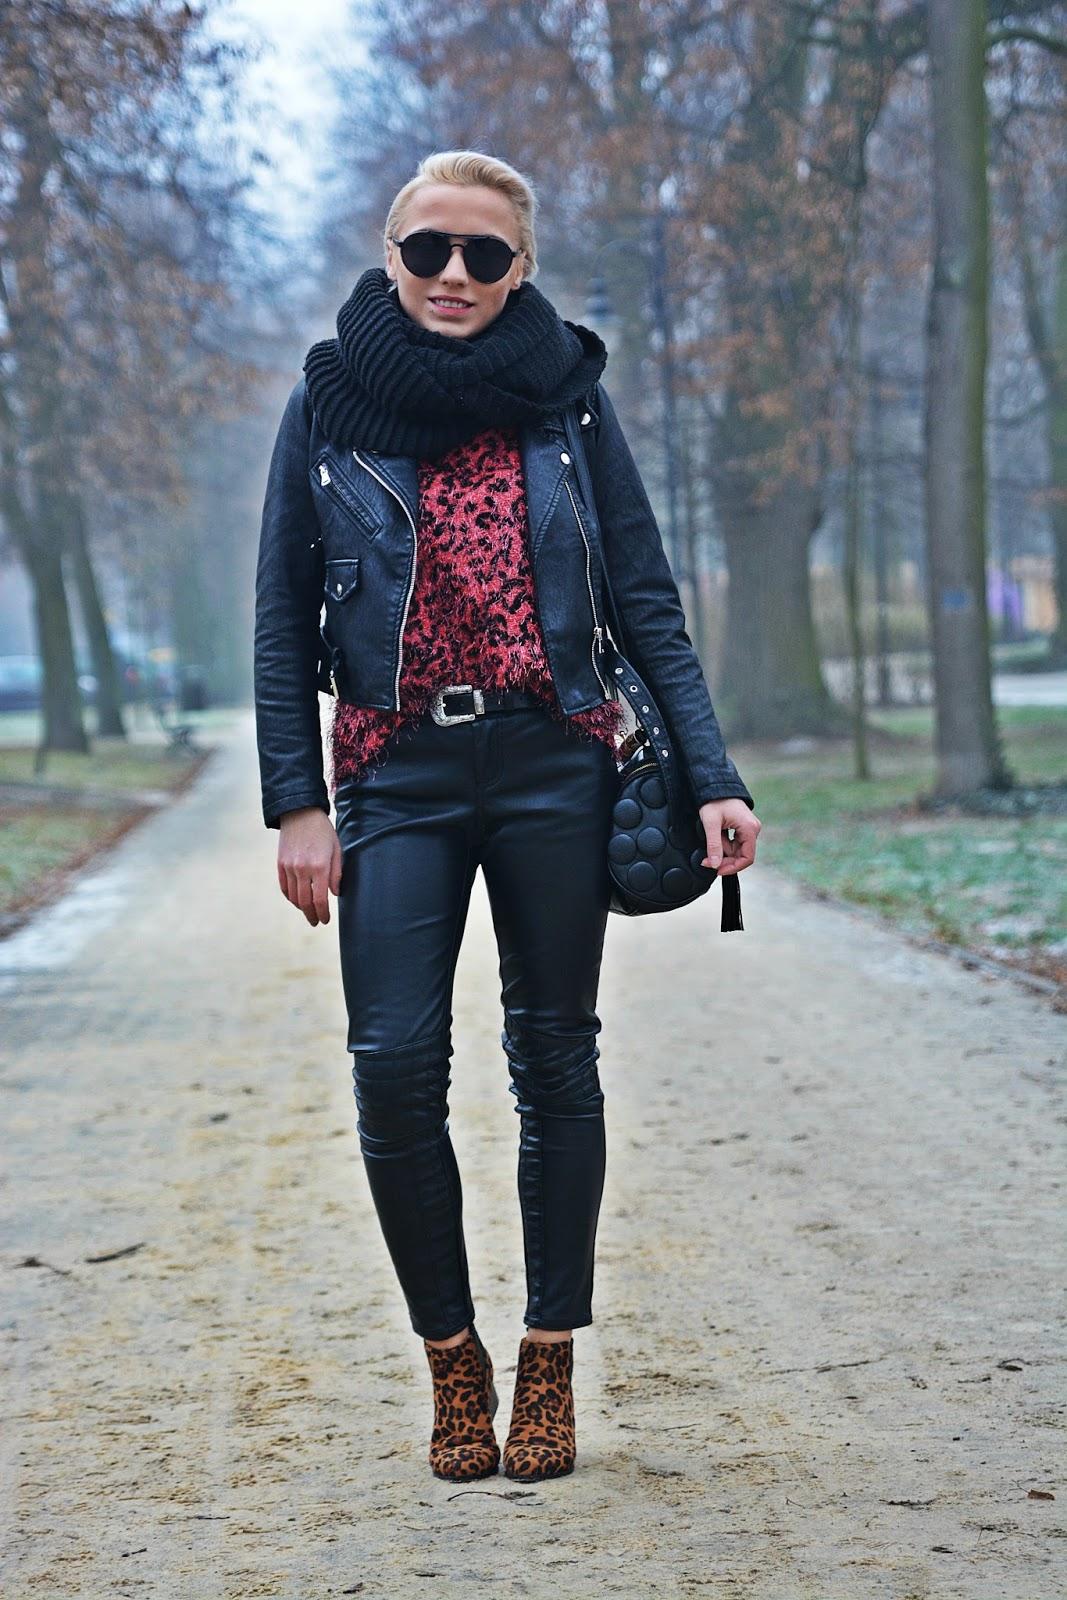 czarne_skorzane_spodnie_panterkowe_botki_dresslily_karyn_201216